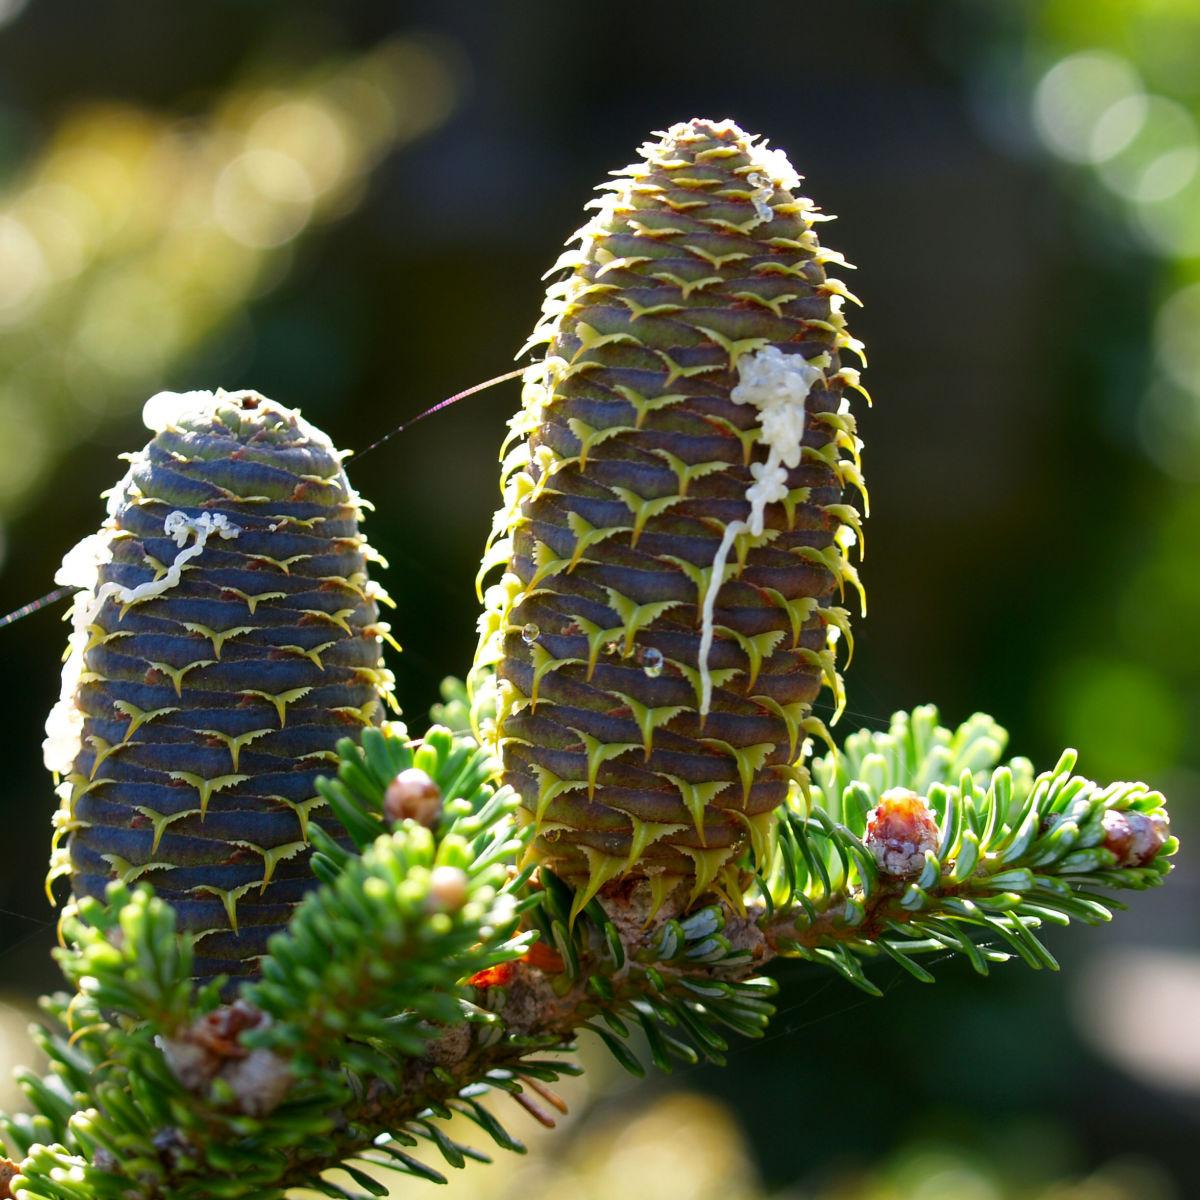 Ostsibirische Tanne Baum Zapfen braun gruen Abies sibirica